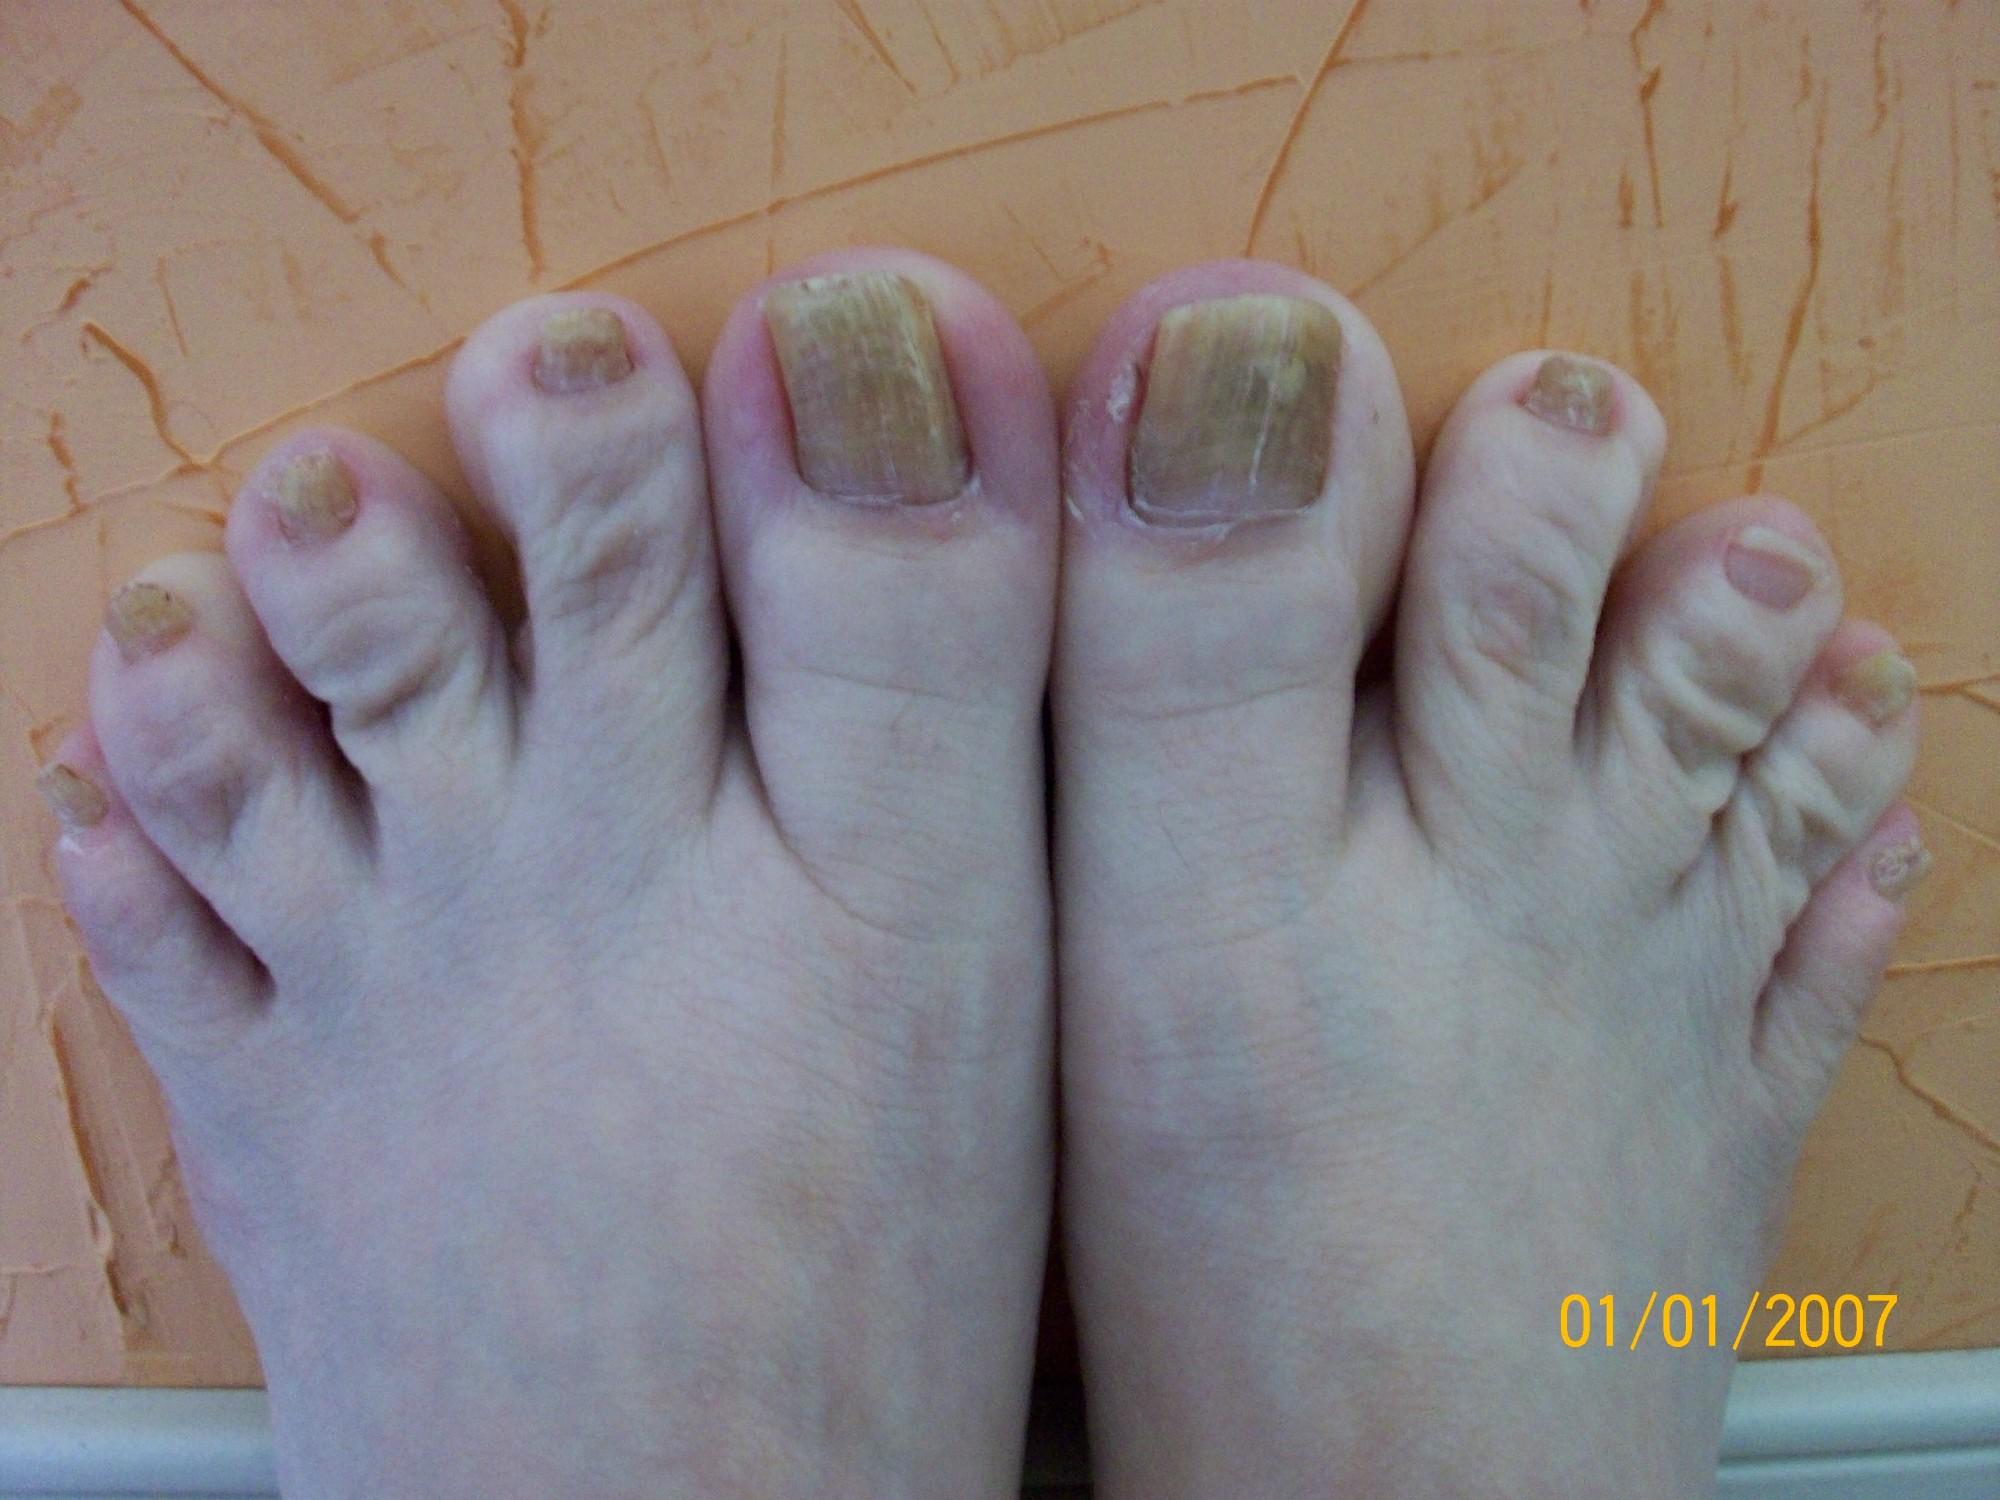 Nails Amarelos Causados Pelo Fungo De Toenail